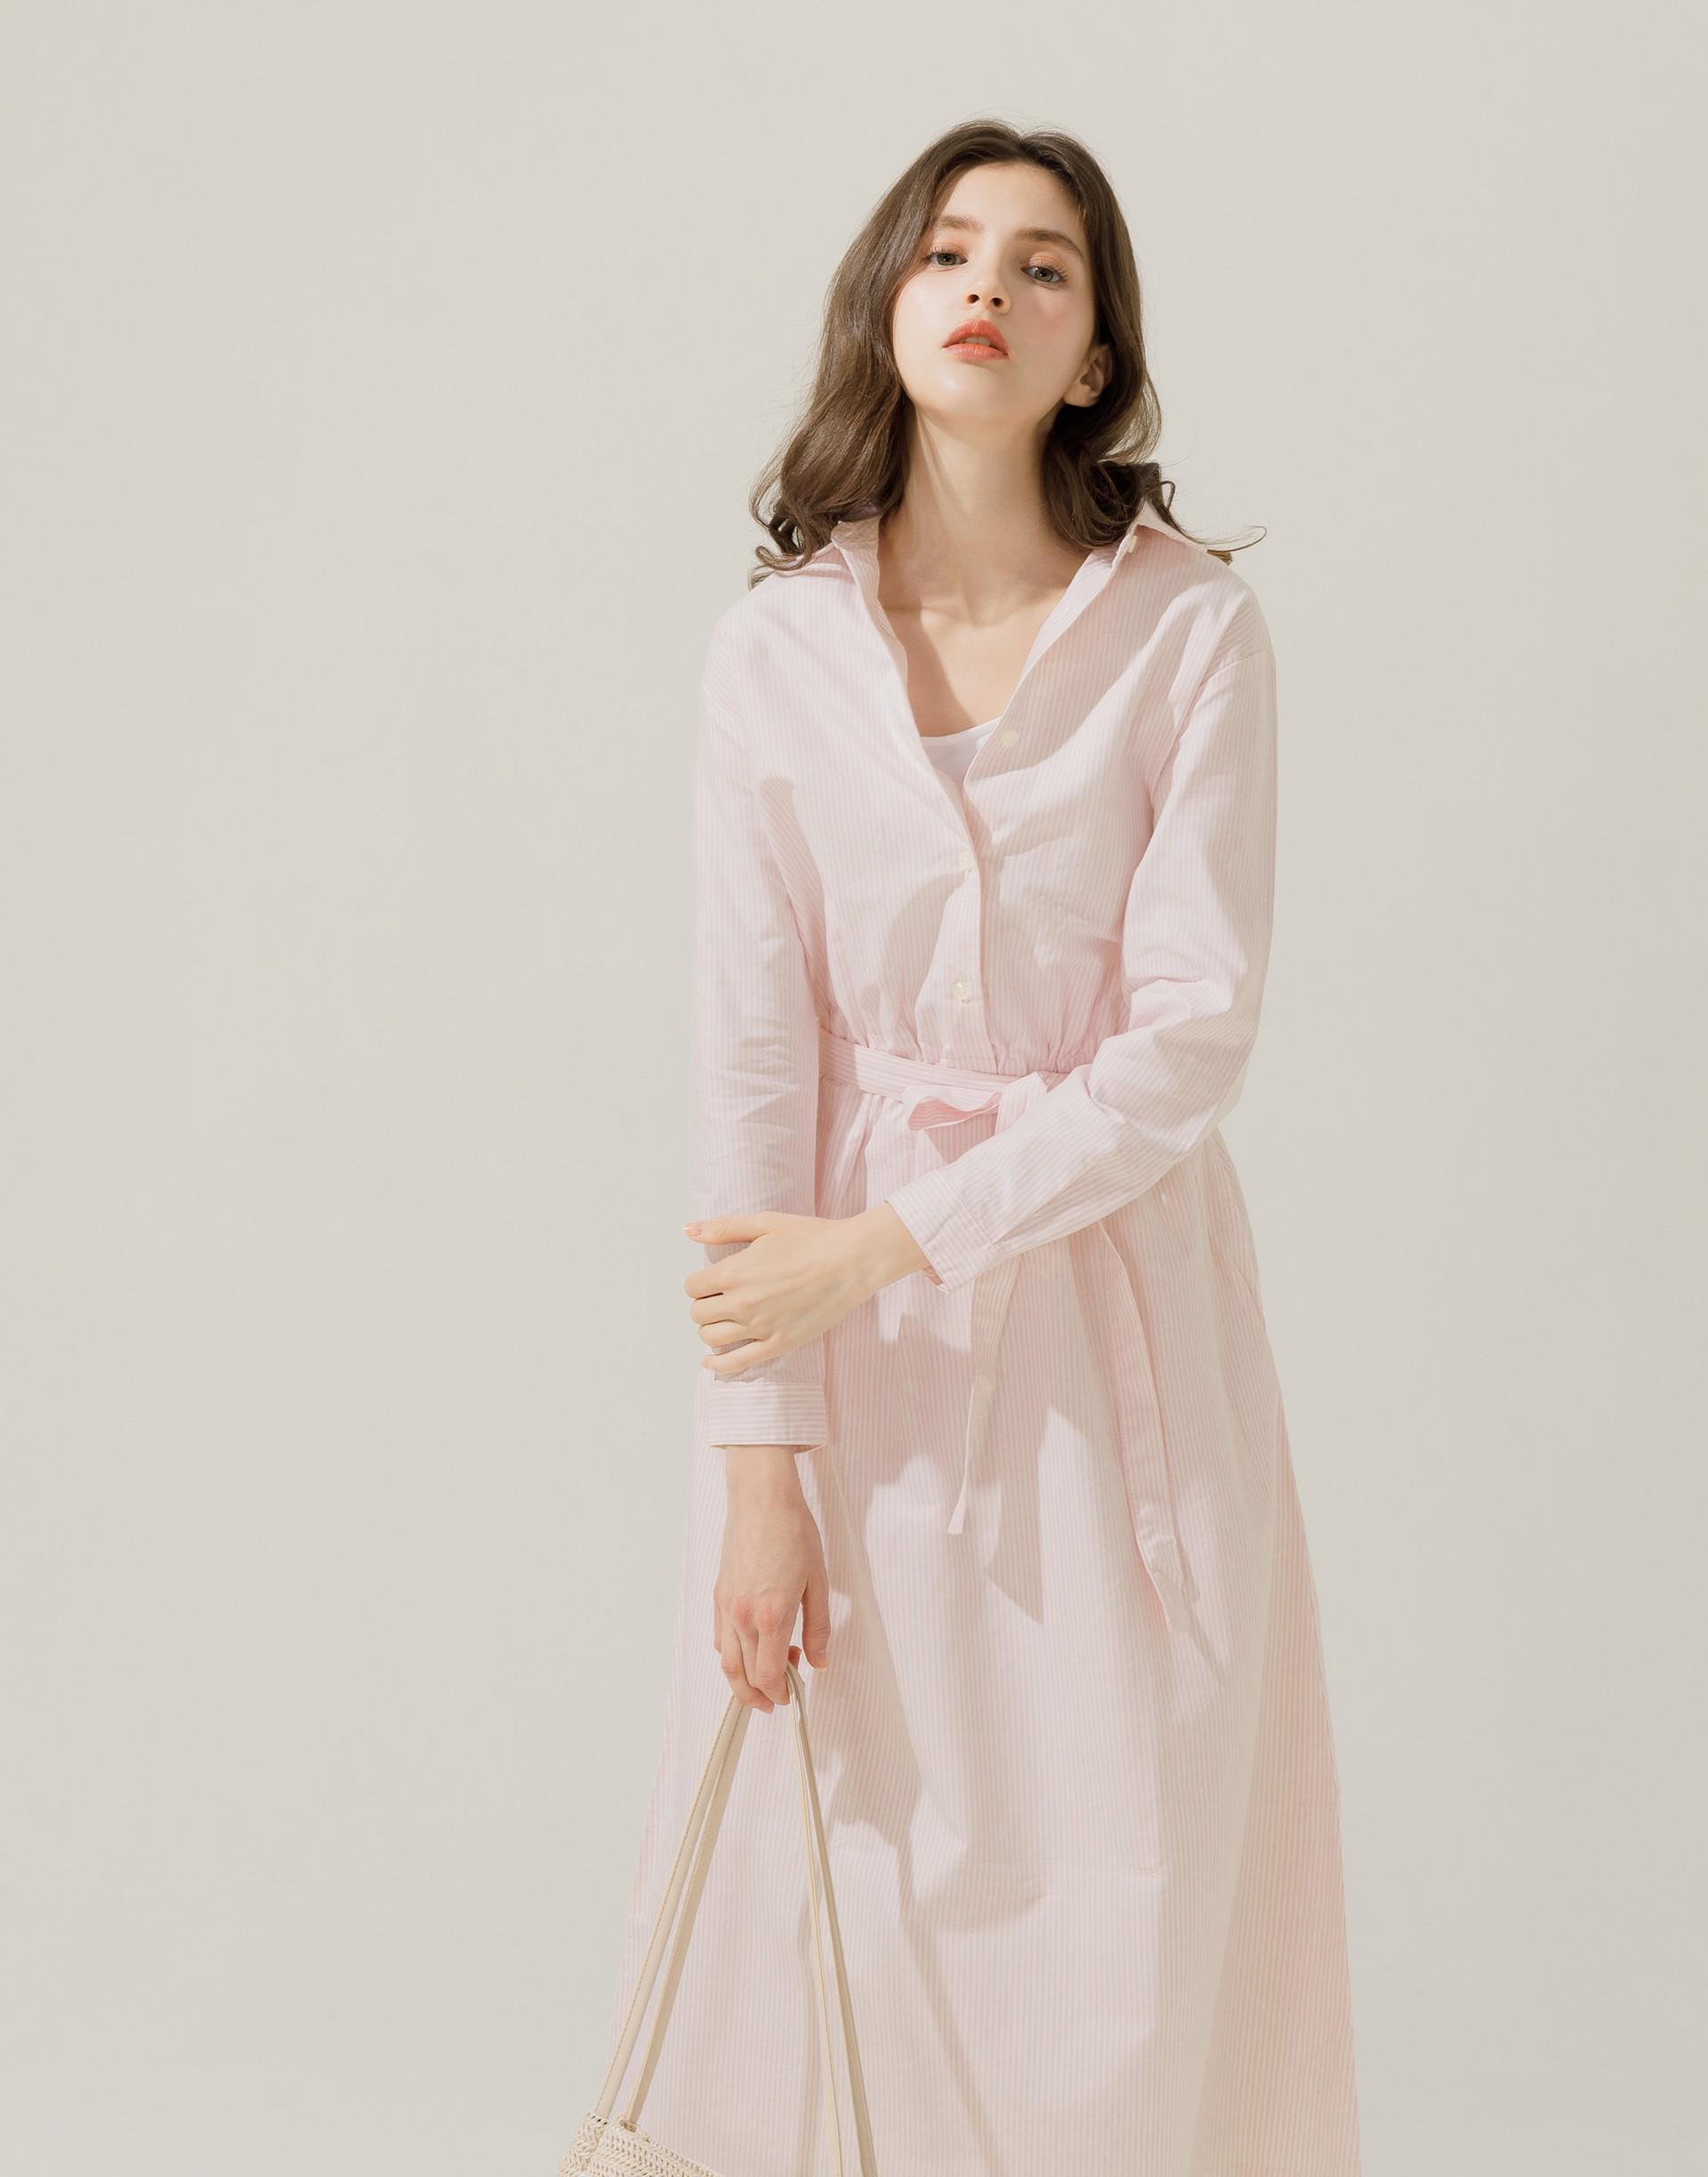 彈性:適中 柔軟舒適、長版襯衫式洋裝、附可拆式綁帶、腰間鬆緊綁帶、兩側附有口袋